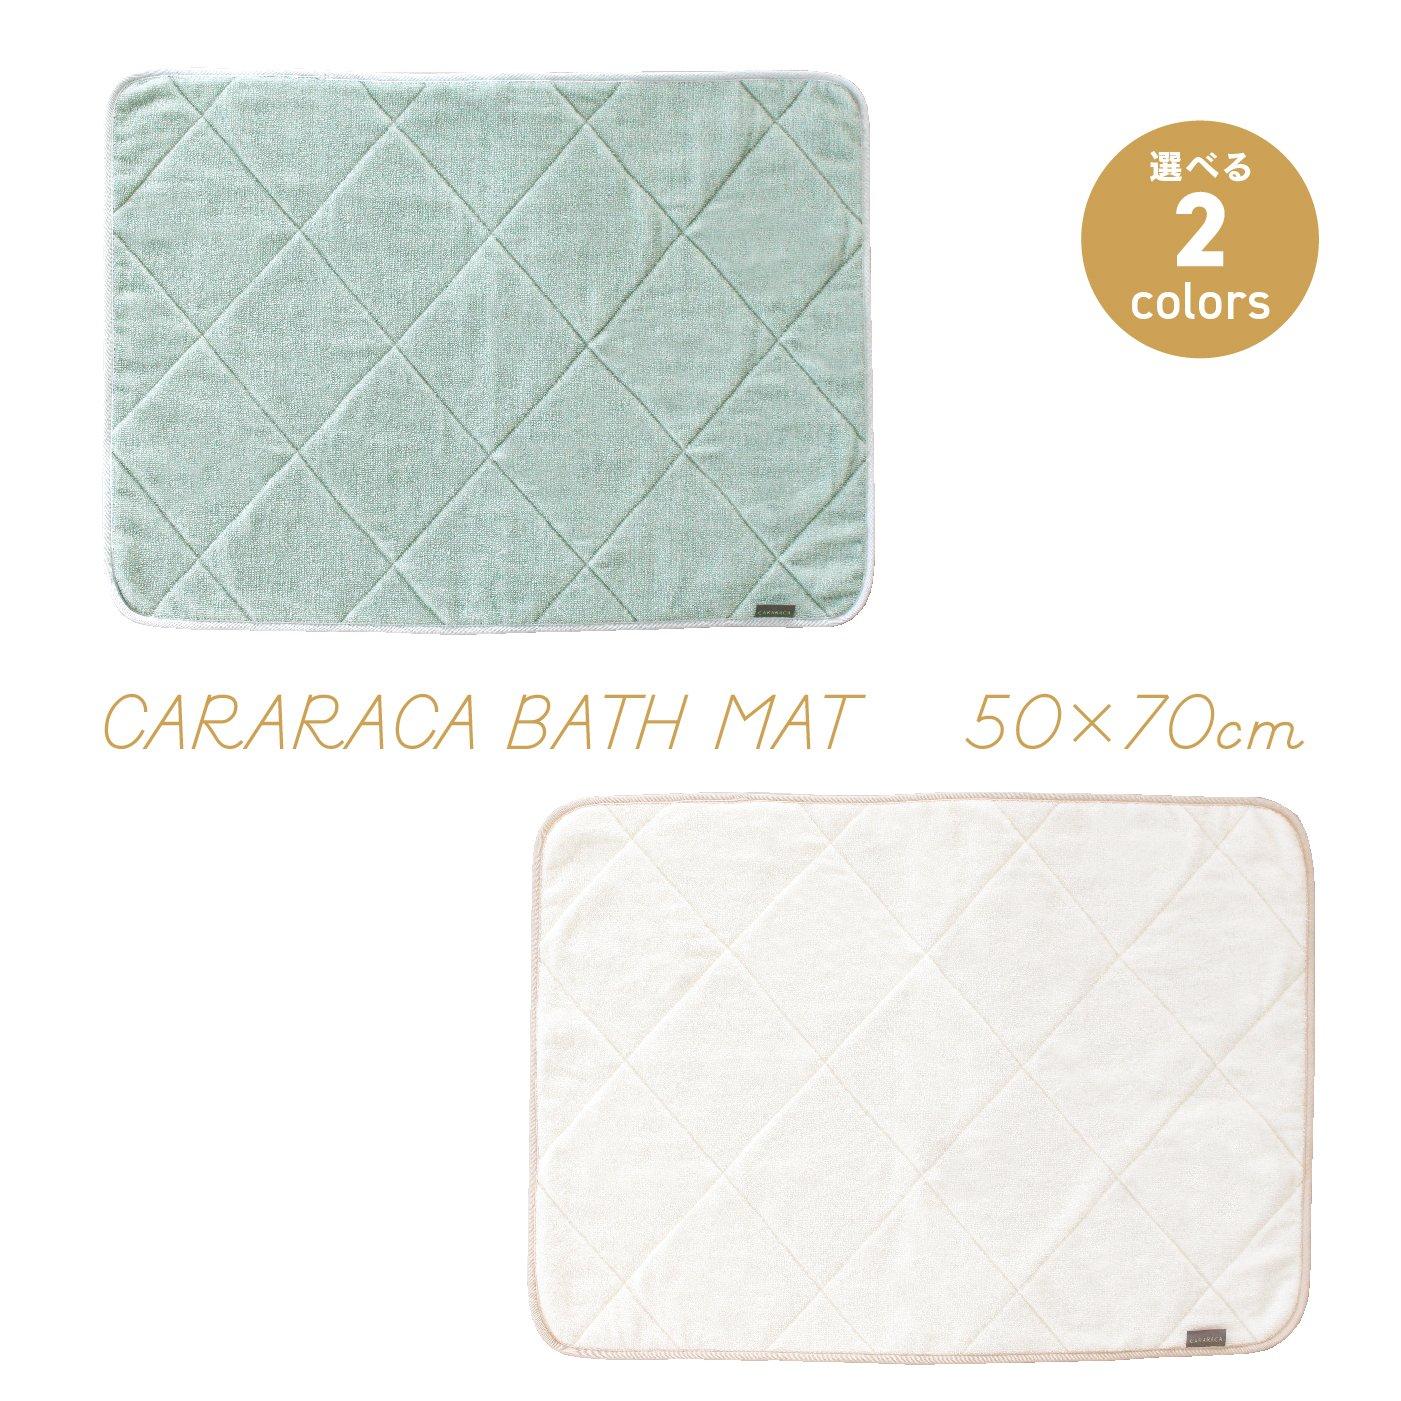 タオル感覚で洗える 乾度良好(R) CARARACAバスマット50×70cm